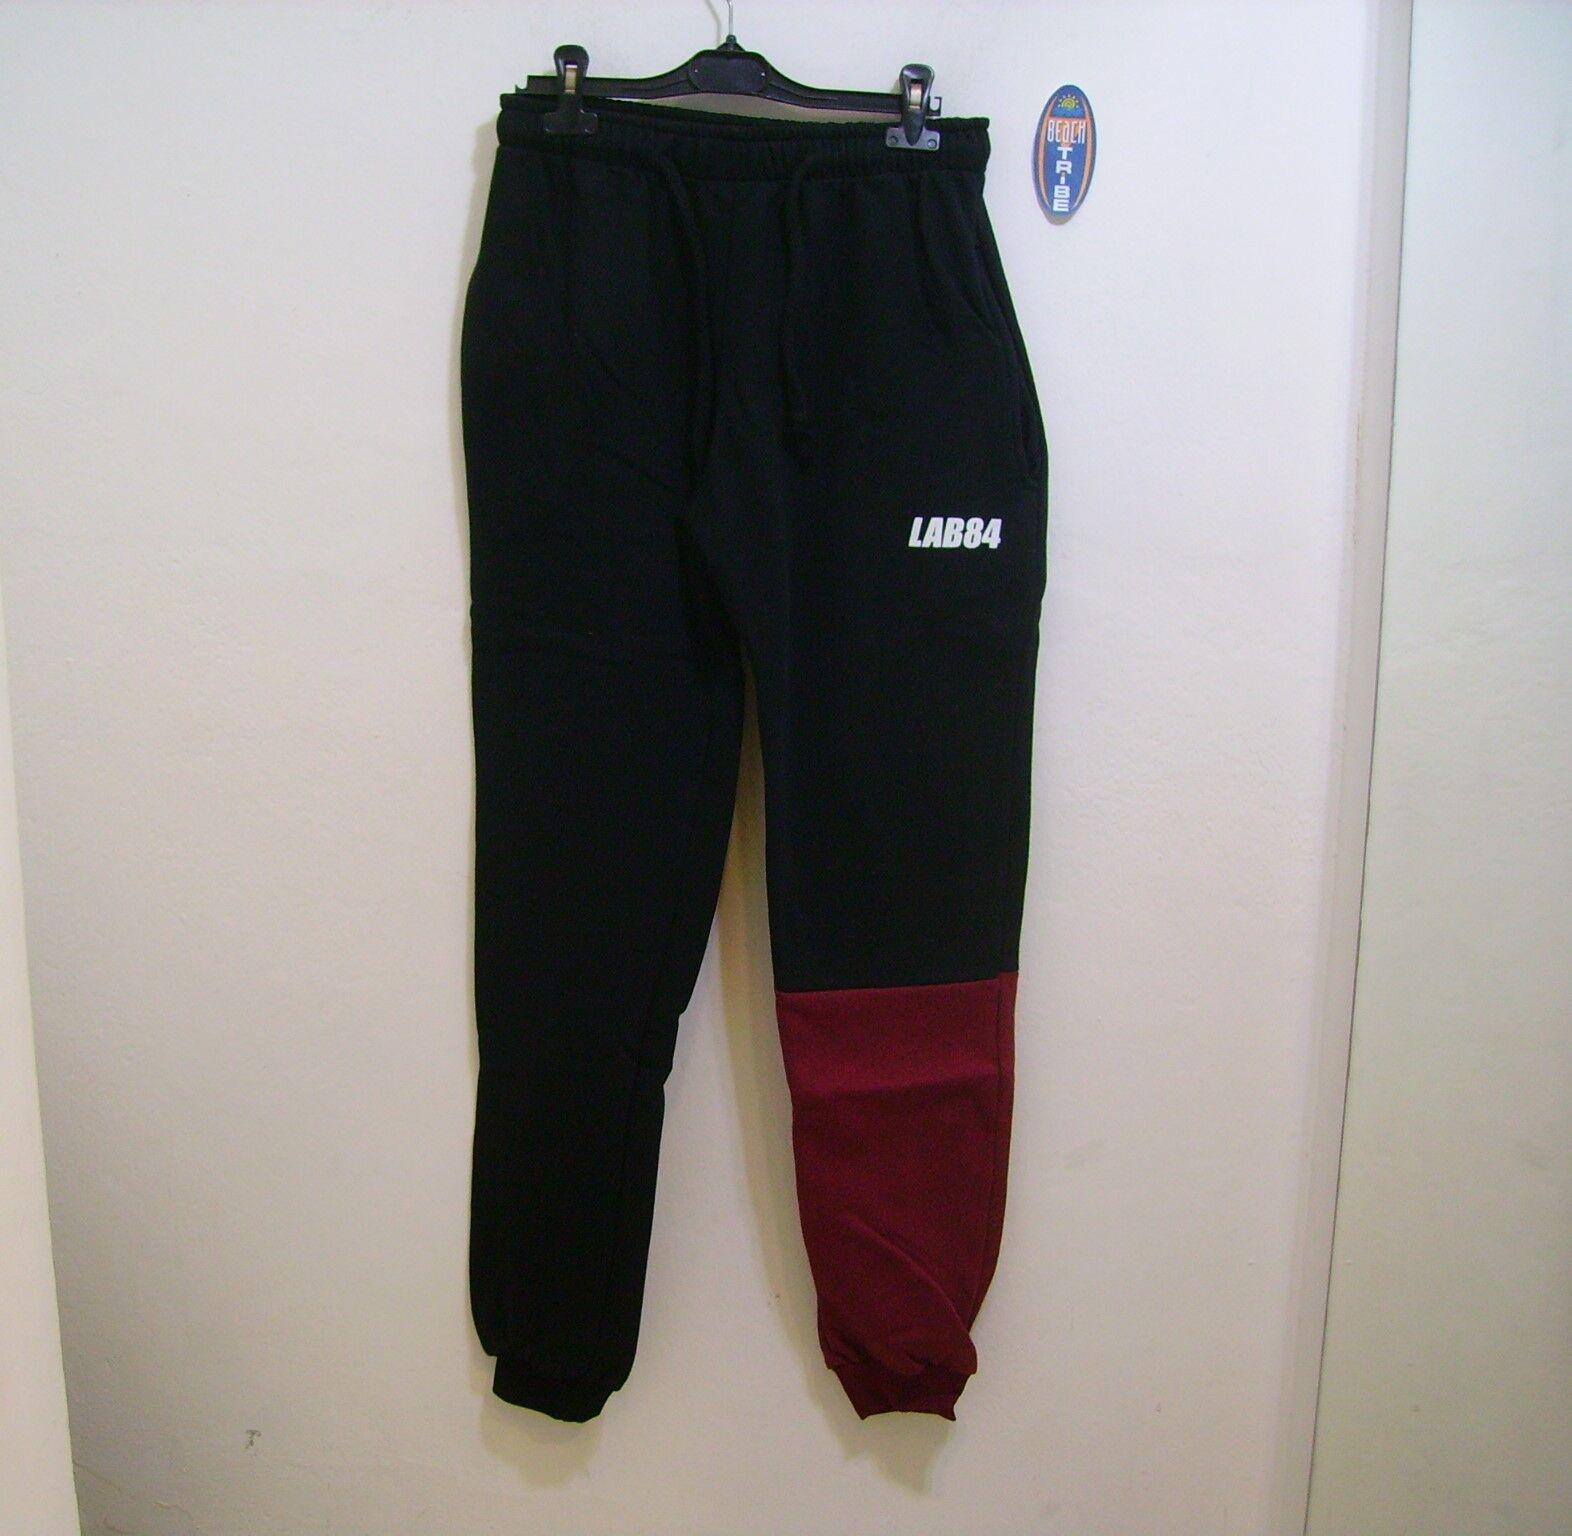 Lab84 Trainingshose lang Sweatshirt Winter S8 PNTM1007 schwarz Bordeaux